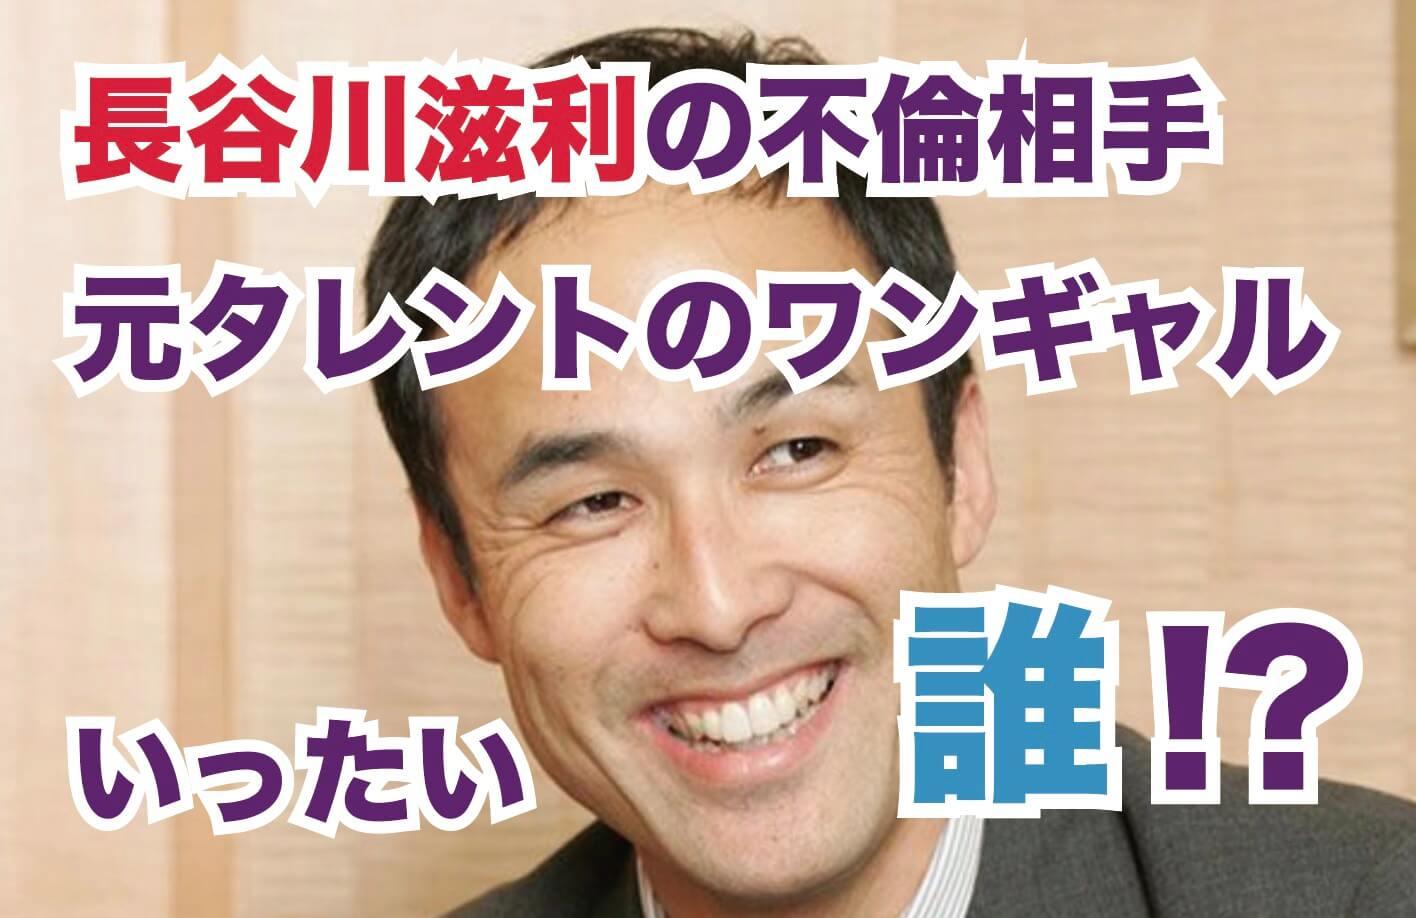 長谷川滋利(元メジャー投手)が不倫交際していたワンギャルA子は誰で顔画像や名前は?馴れ初めや交際期間も!